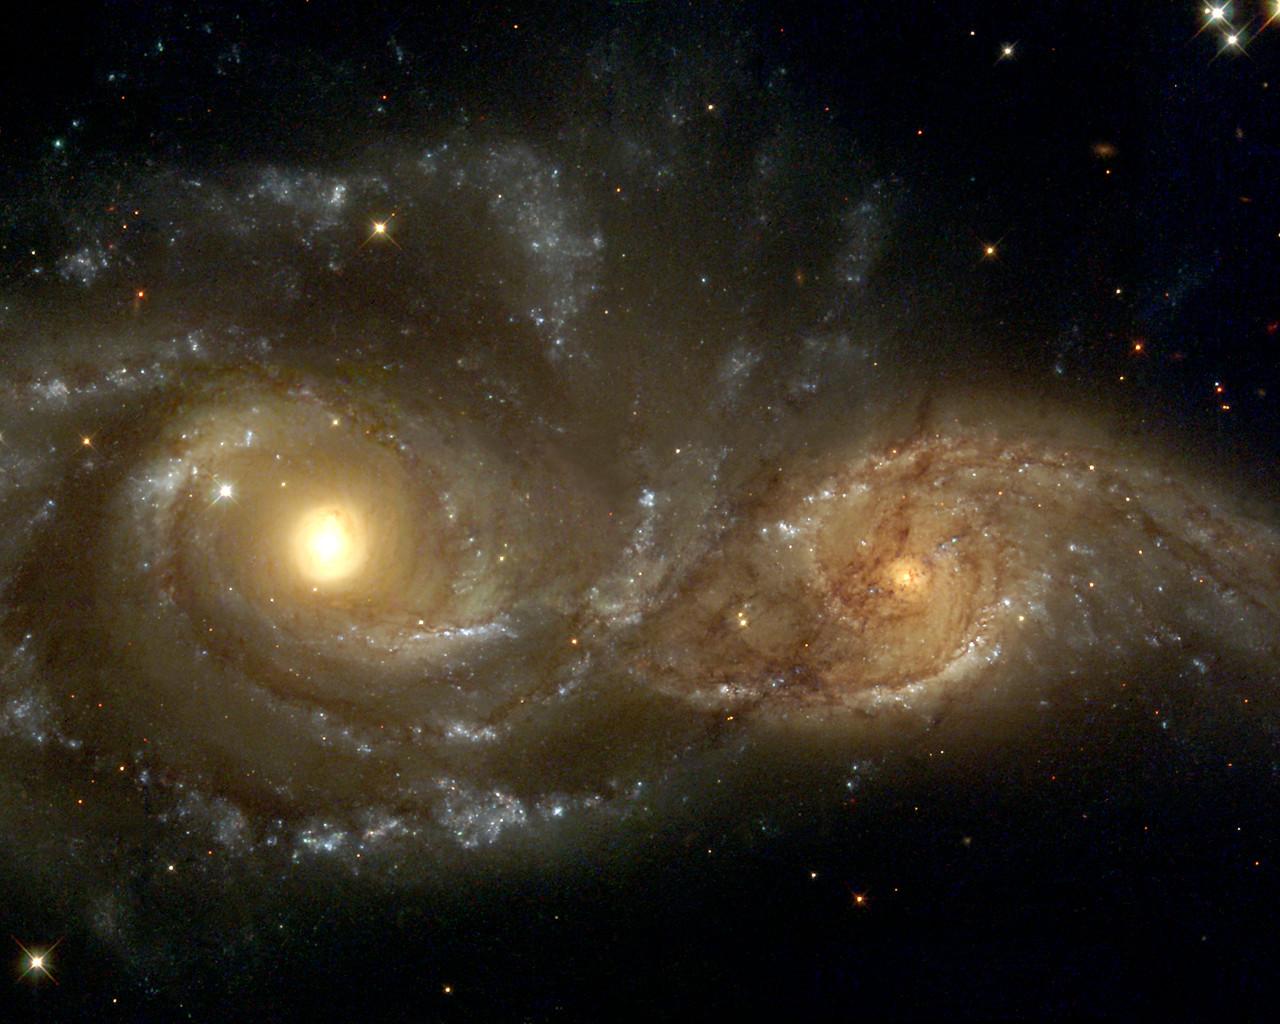 Ещё одно столкновение галактик, наблюдаемое в направлении созвездия Большой Пёс. Полный процесс займёт сотни миллионов лет.